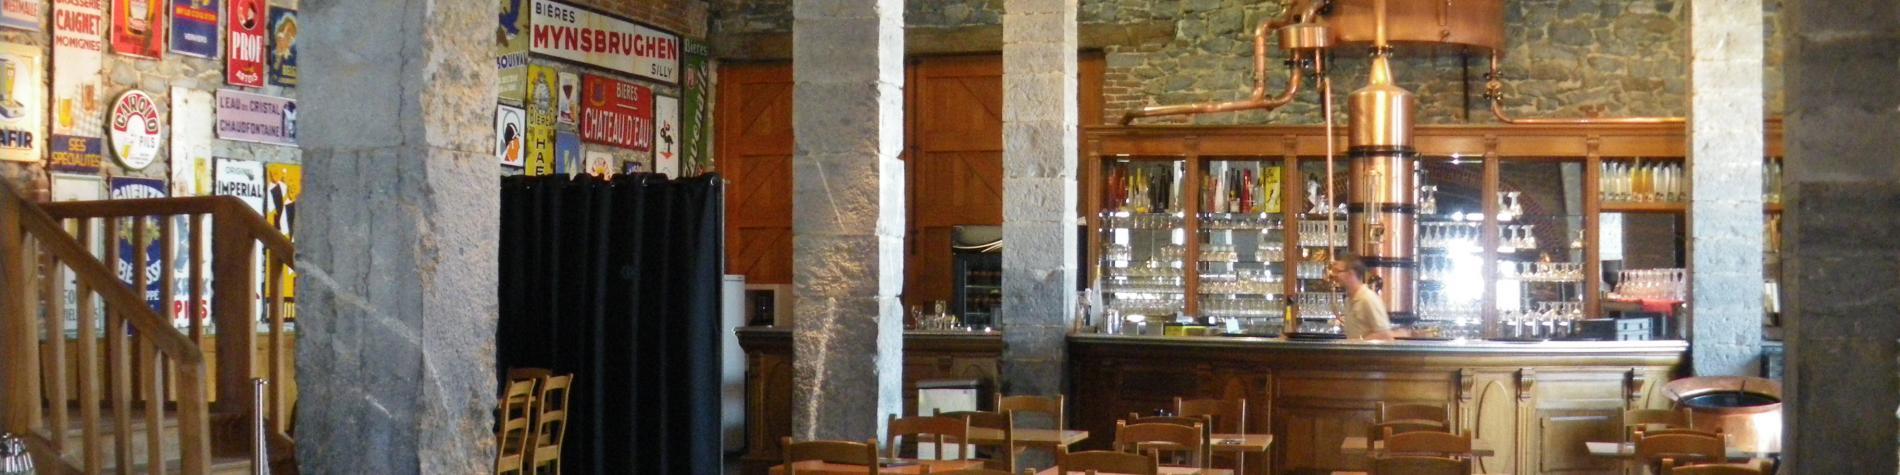 Ragnies (Thuin) - 'Distillerie de Biercée' - 'La Grange des Belges'